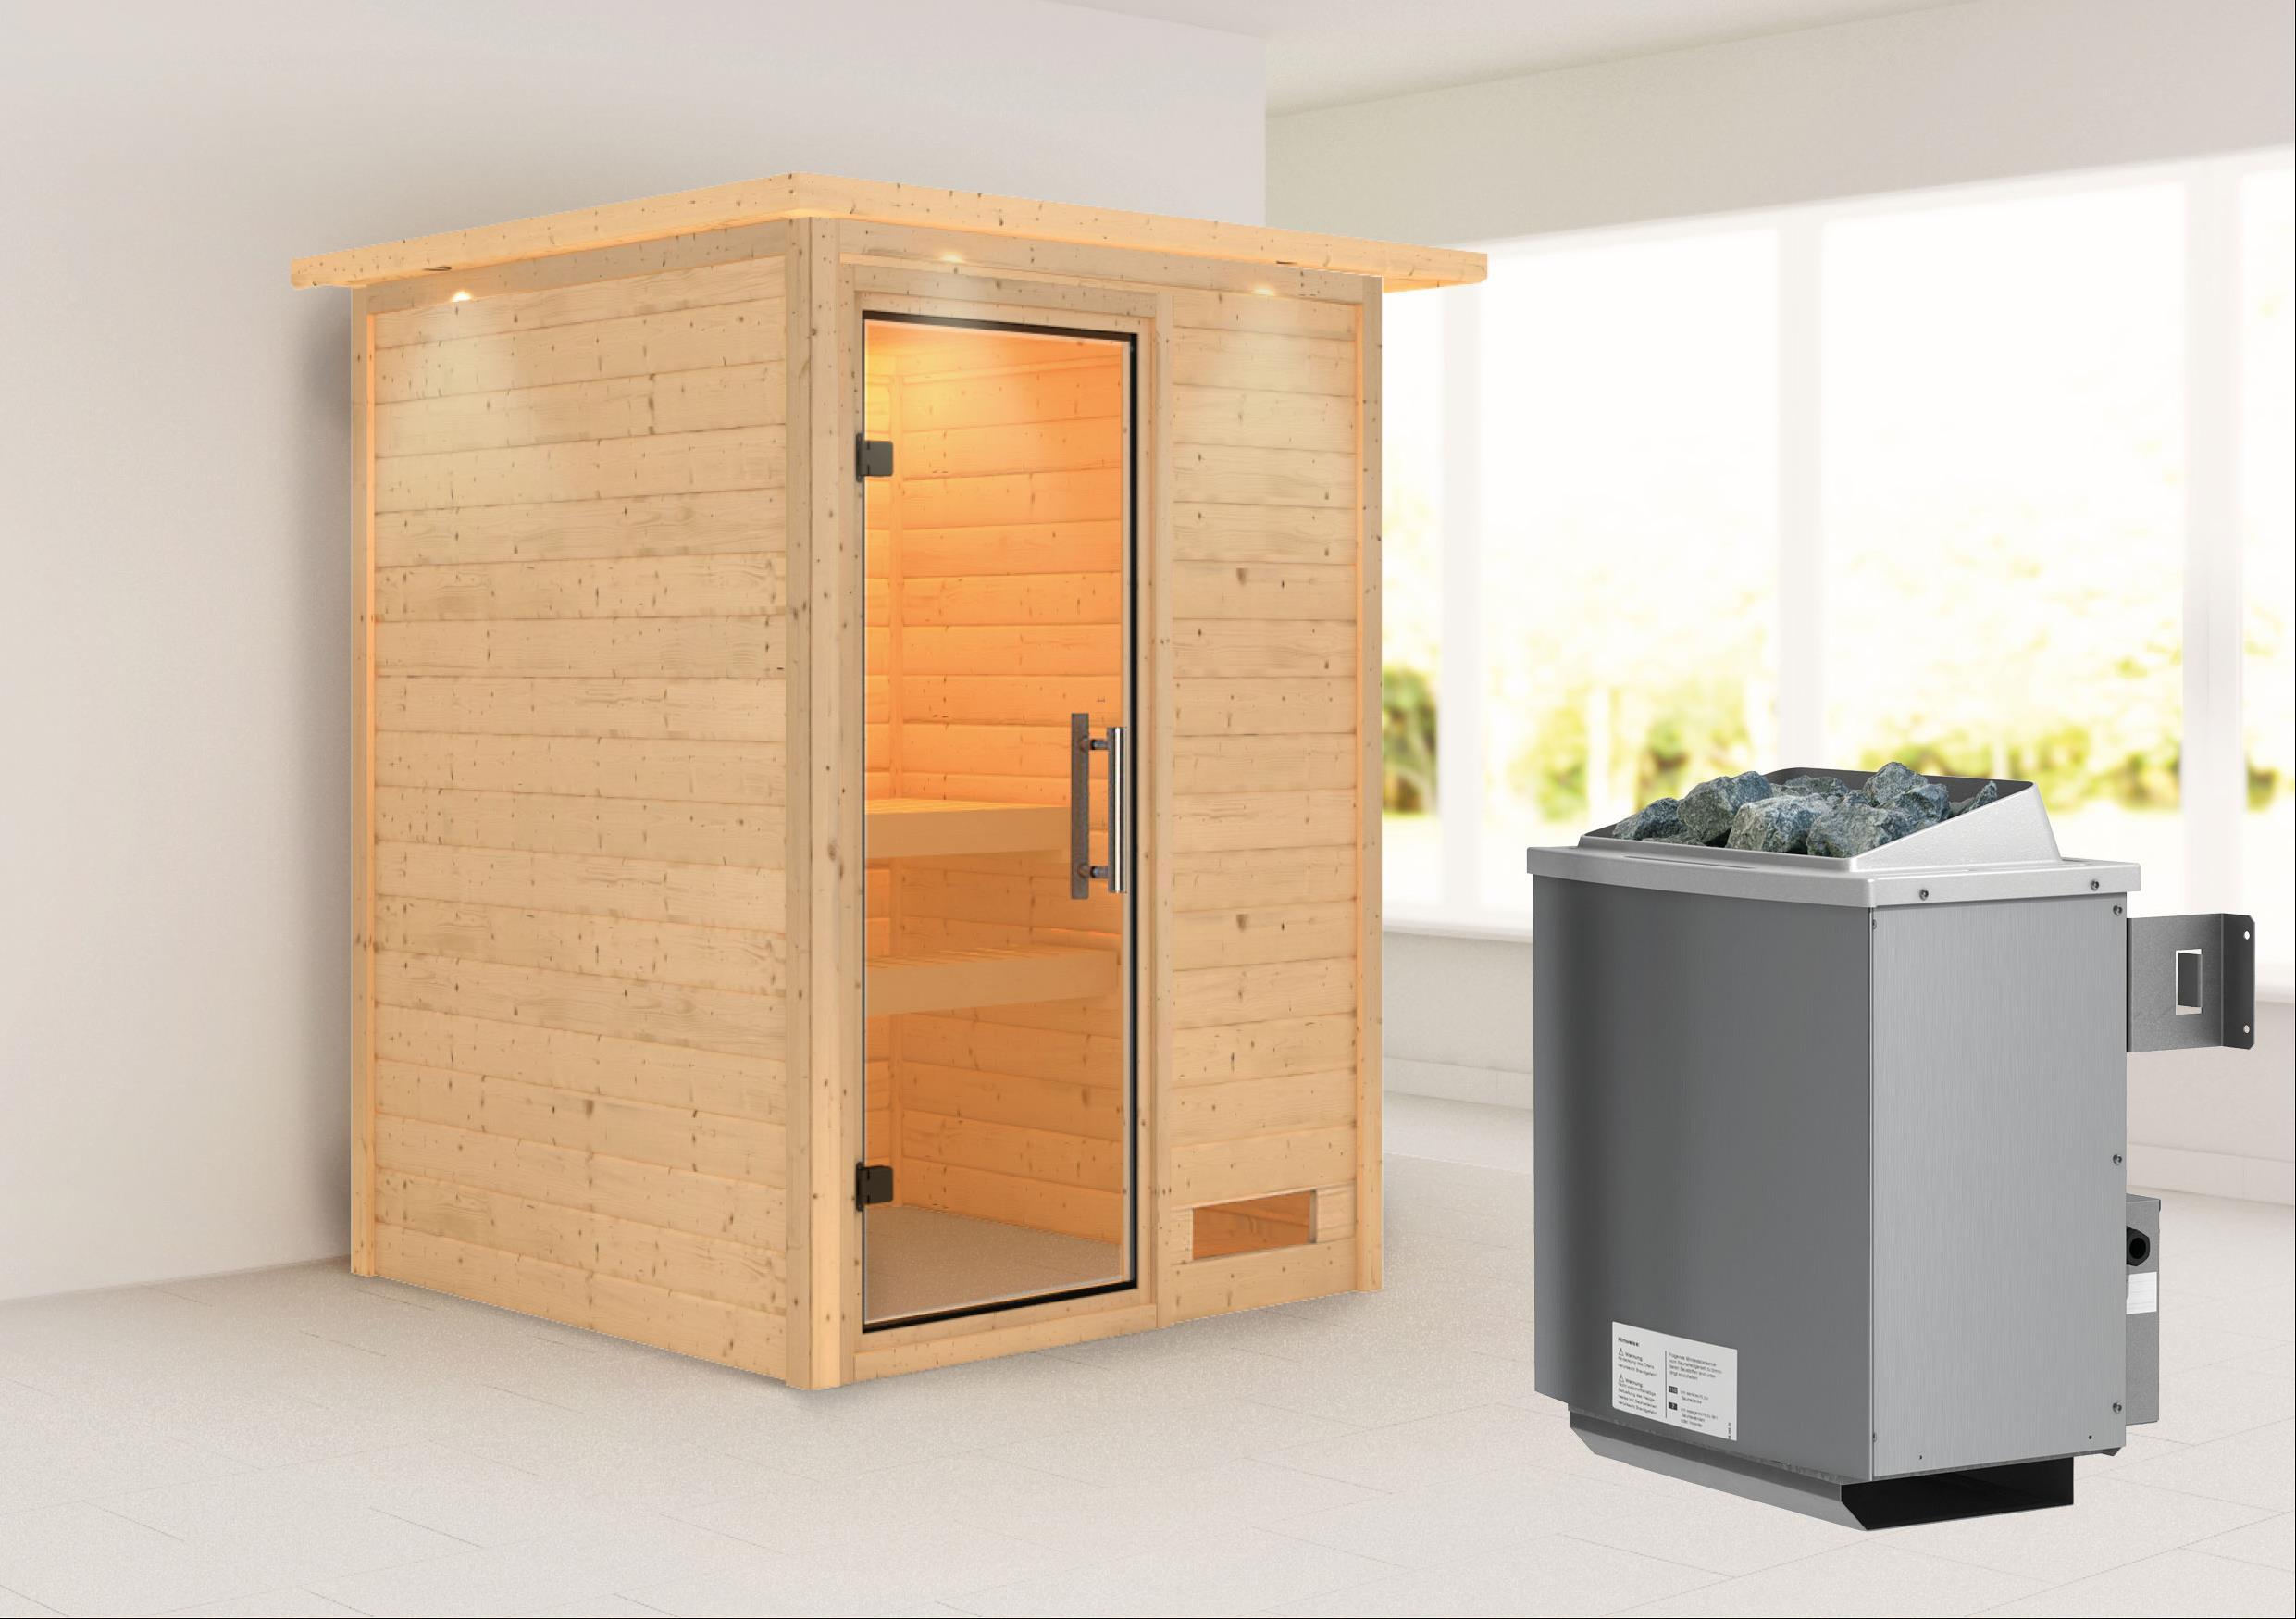 Woodfeeling Sauna Svenja 38mm Saunaofen 9kW intern Kranz Klarglas Tür Bild 1